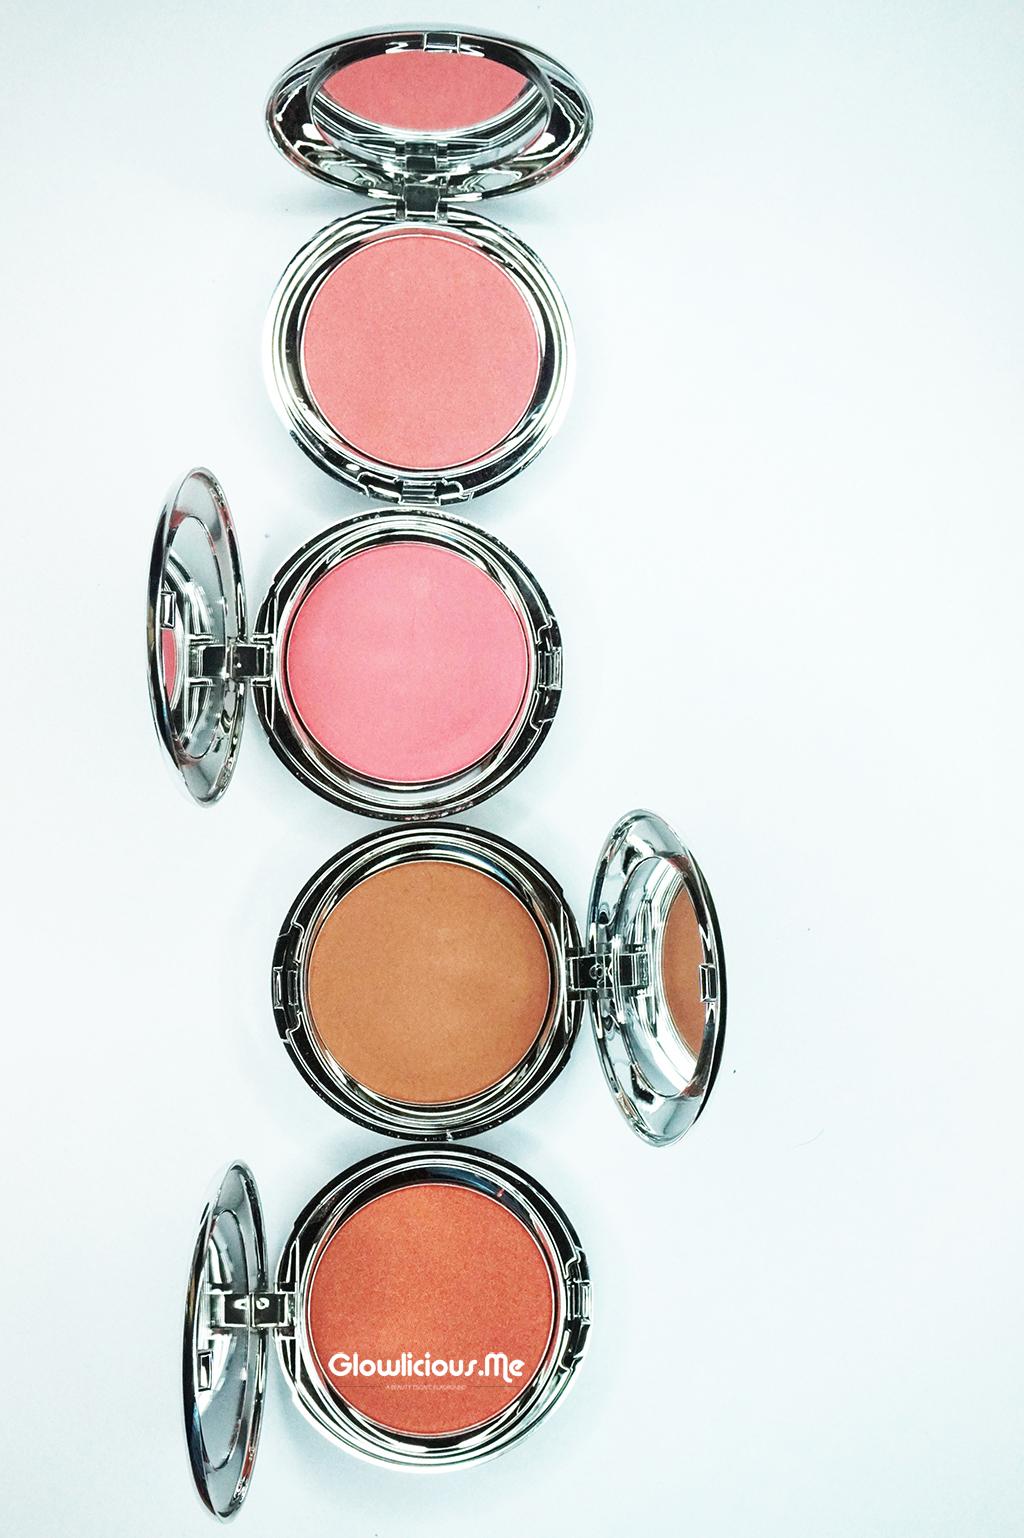 ULTIMA II Delicate Blush & Lipsticks Series